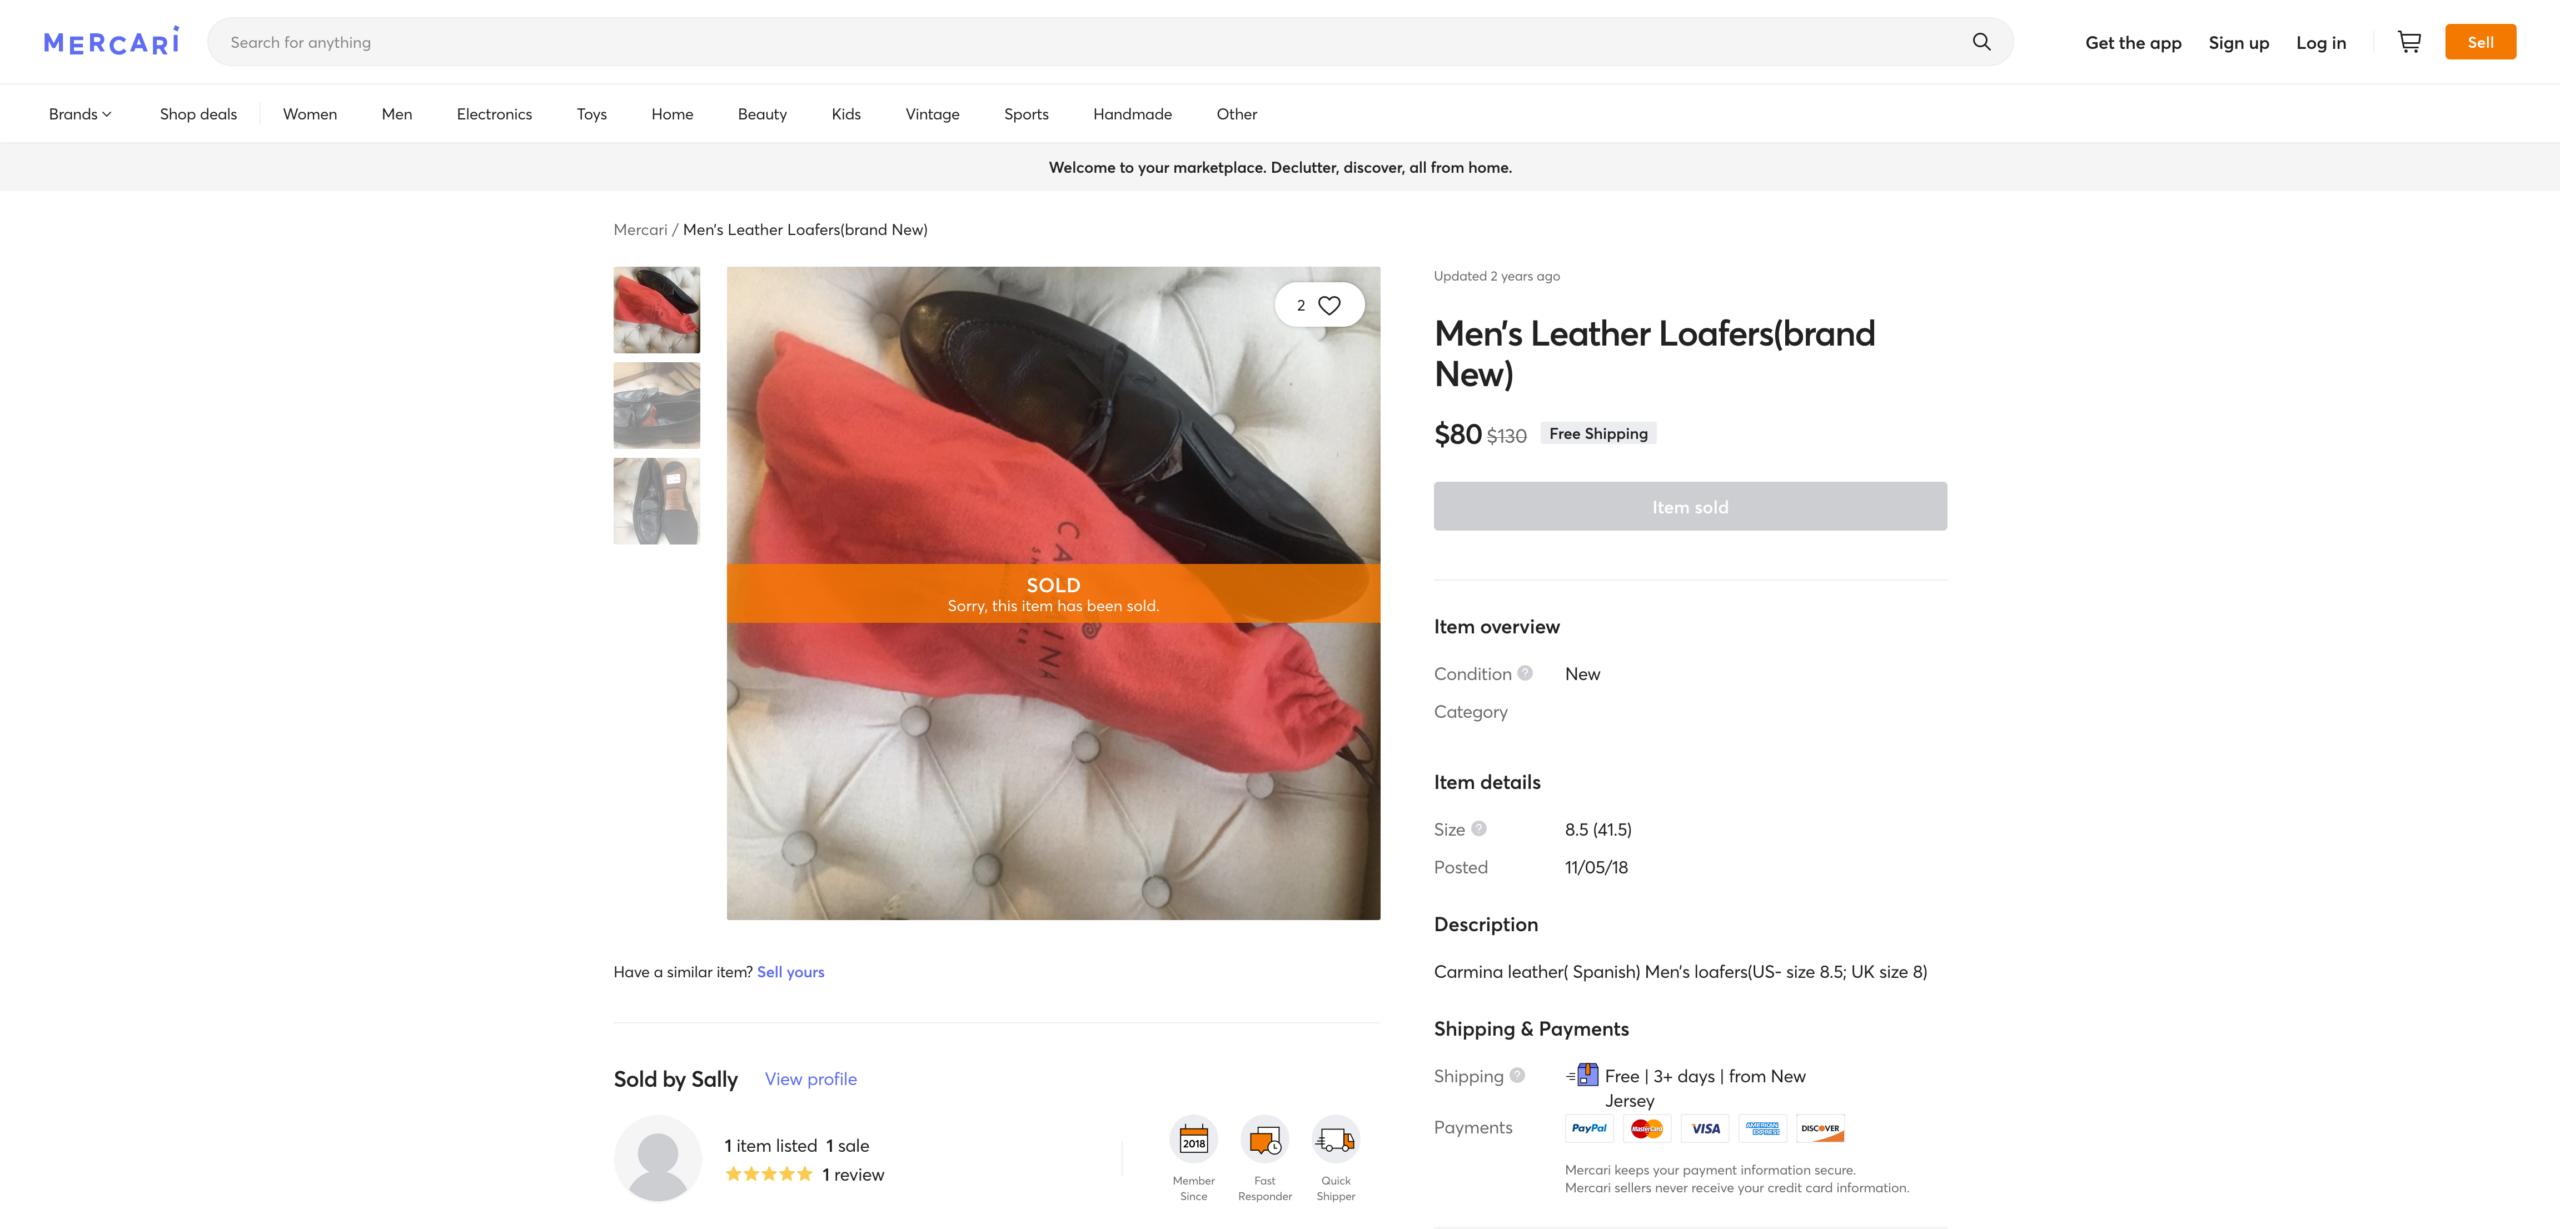 Le genre de choses que l'on peut trouver sur les sites moins populaires. Le prix est très en dessous de ce qu'on trouve habituellement pour la marque. (Source: Mercari)